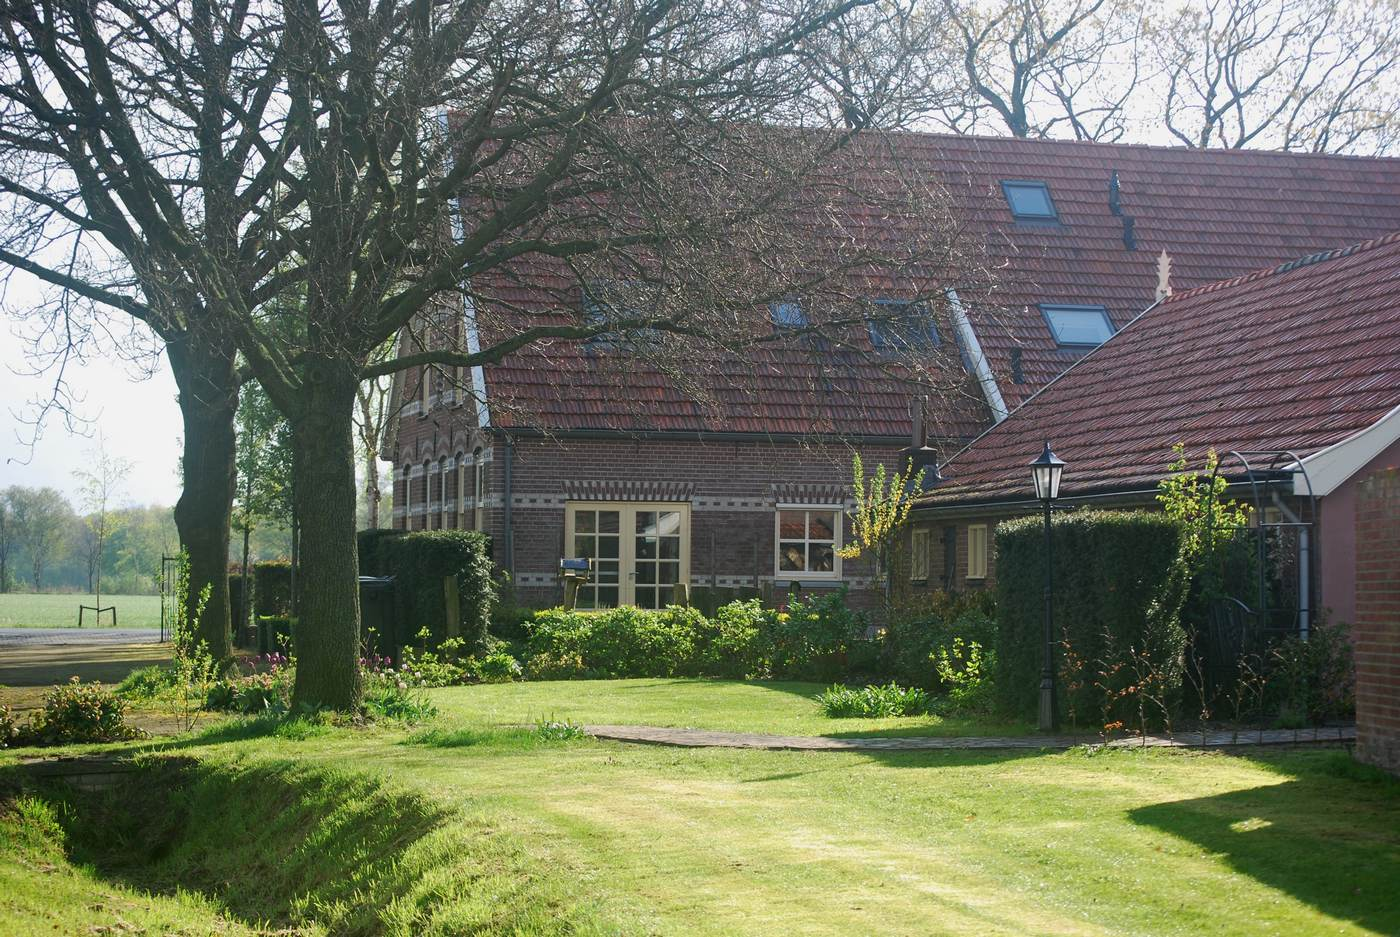 Luxe vakantieboerderij tot 22 personen: Wijndomein Erve Wisselink in Eibergen in de Achterhoek